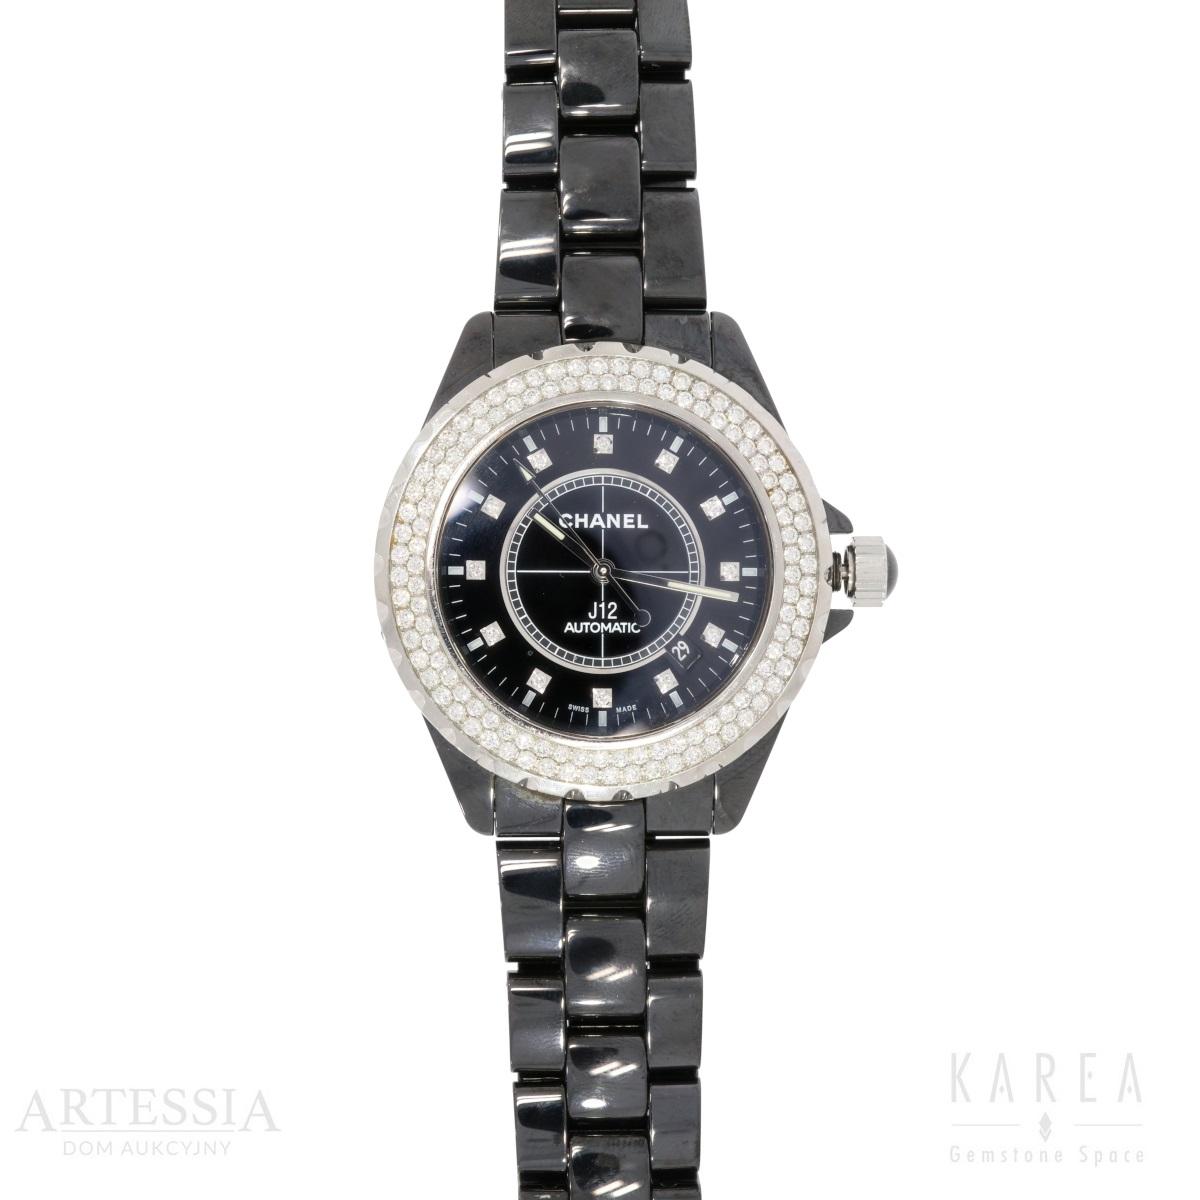 ZEGAREK DAMSKI NARĘCZNY, Chanel, J12 Automatic, ok. 2009 r.